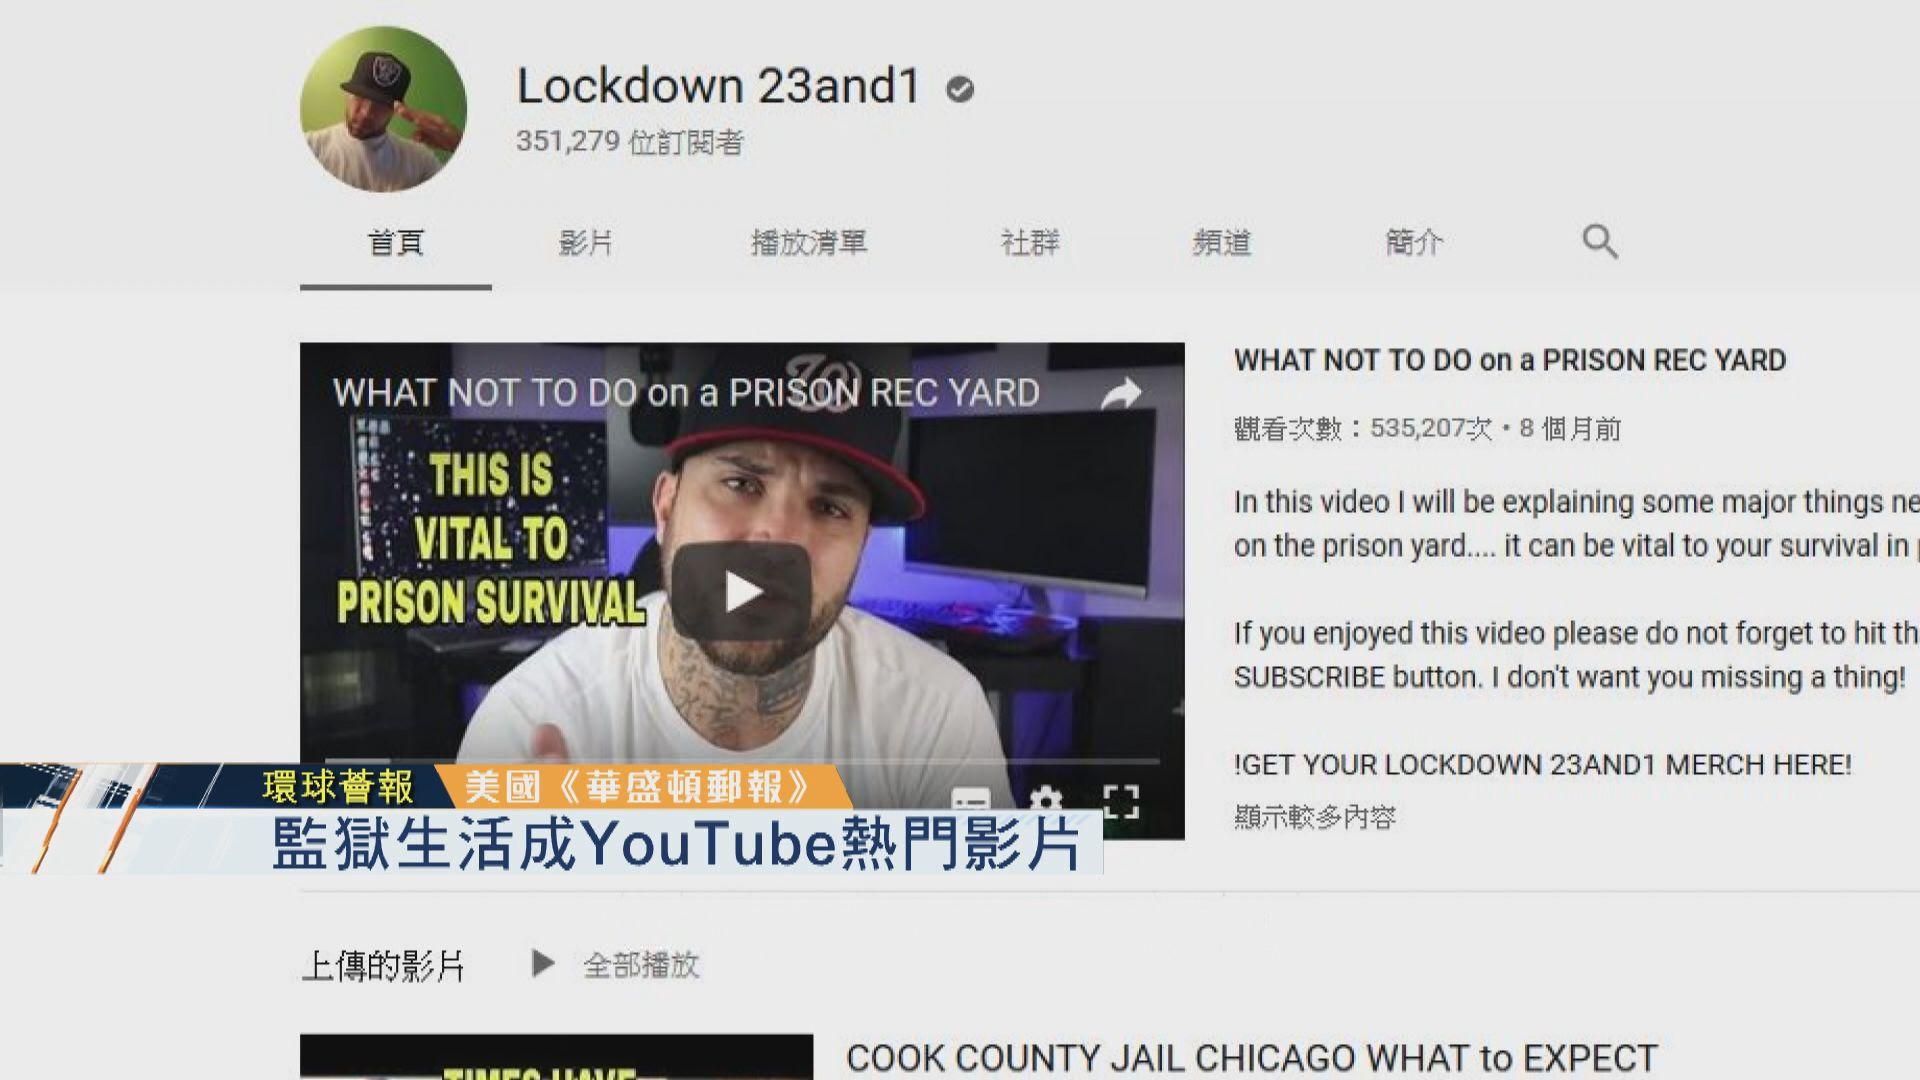 【環球薈報】監獄生活成YouTube熱門影片